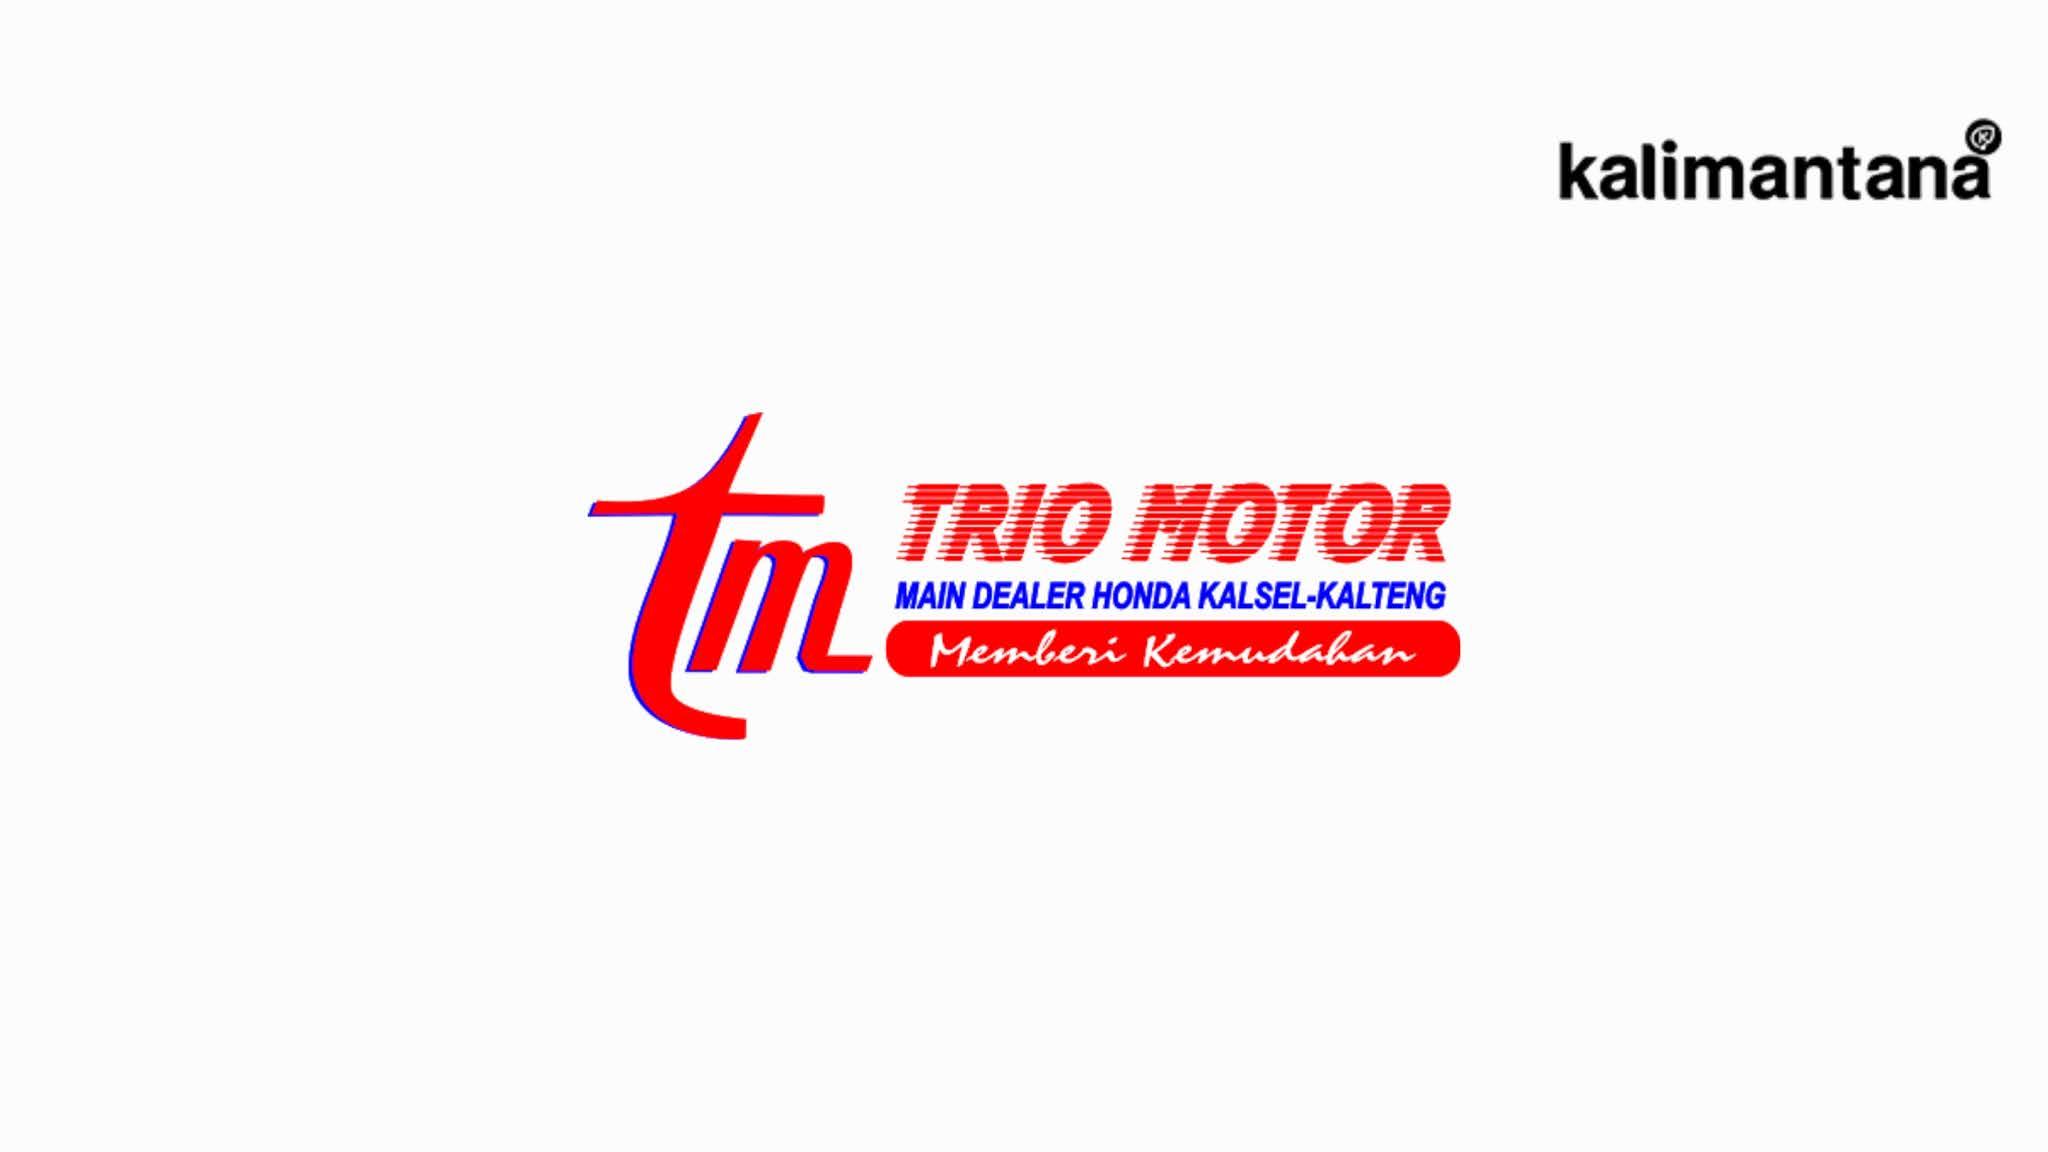 Trio Motor